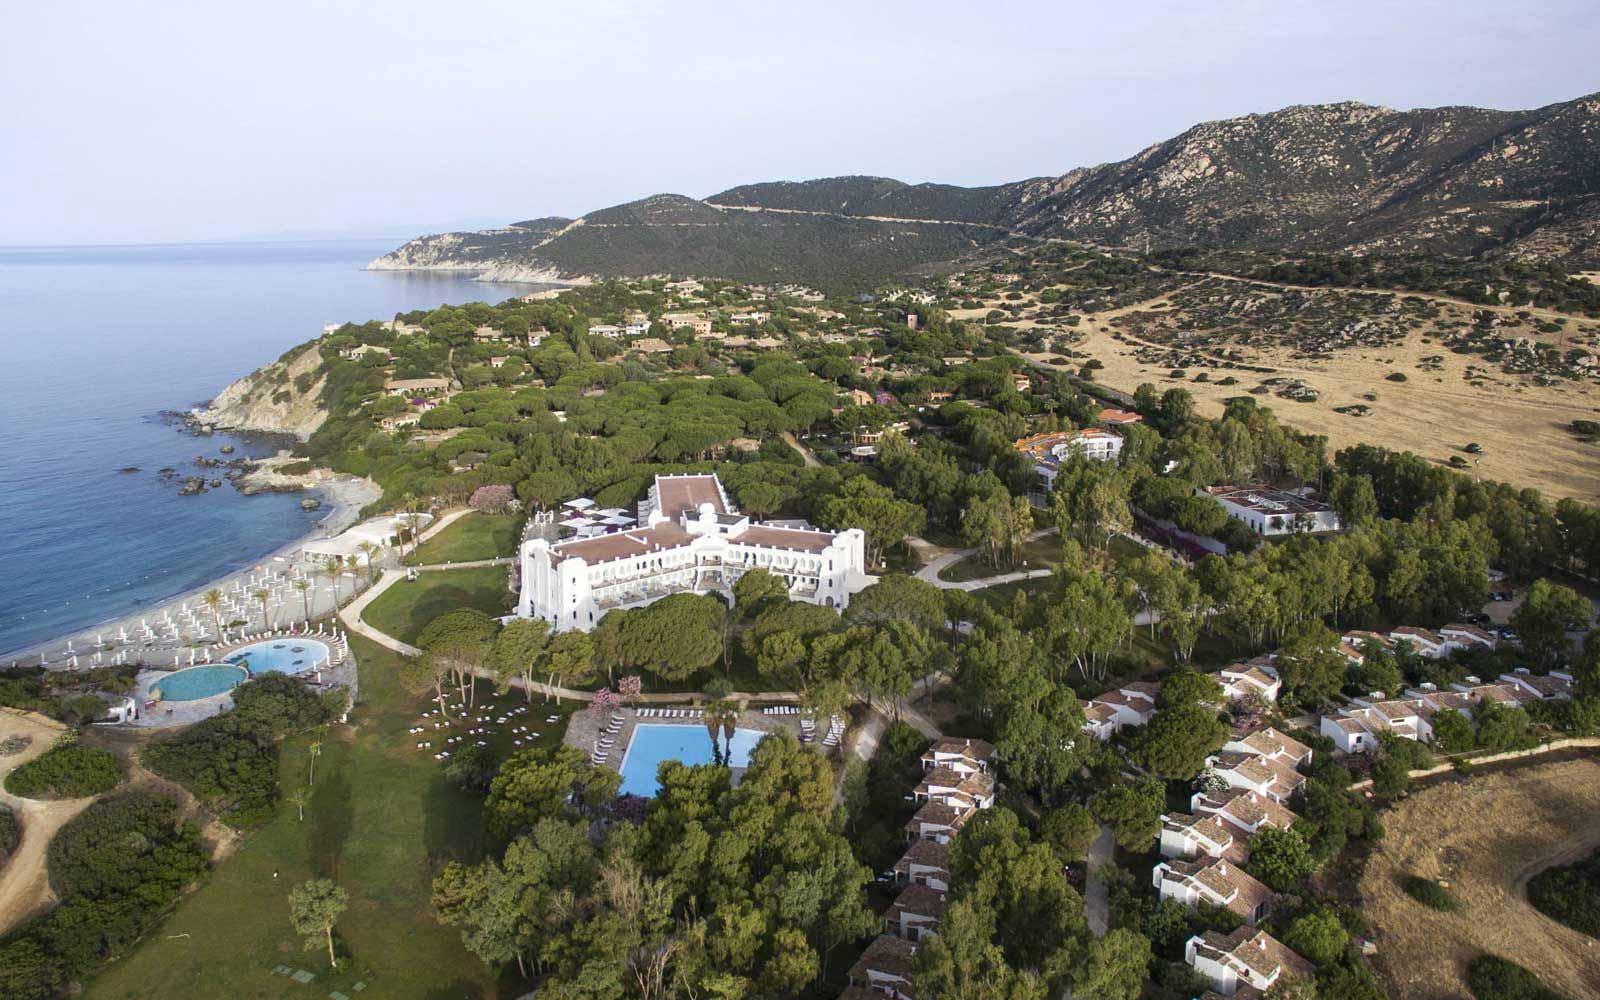 Aerial view at Capo Boi Resort